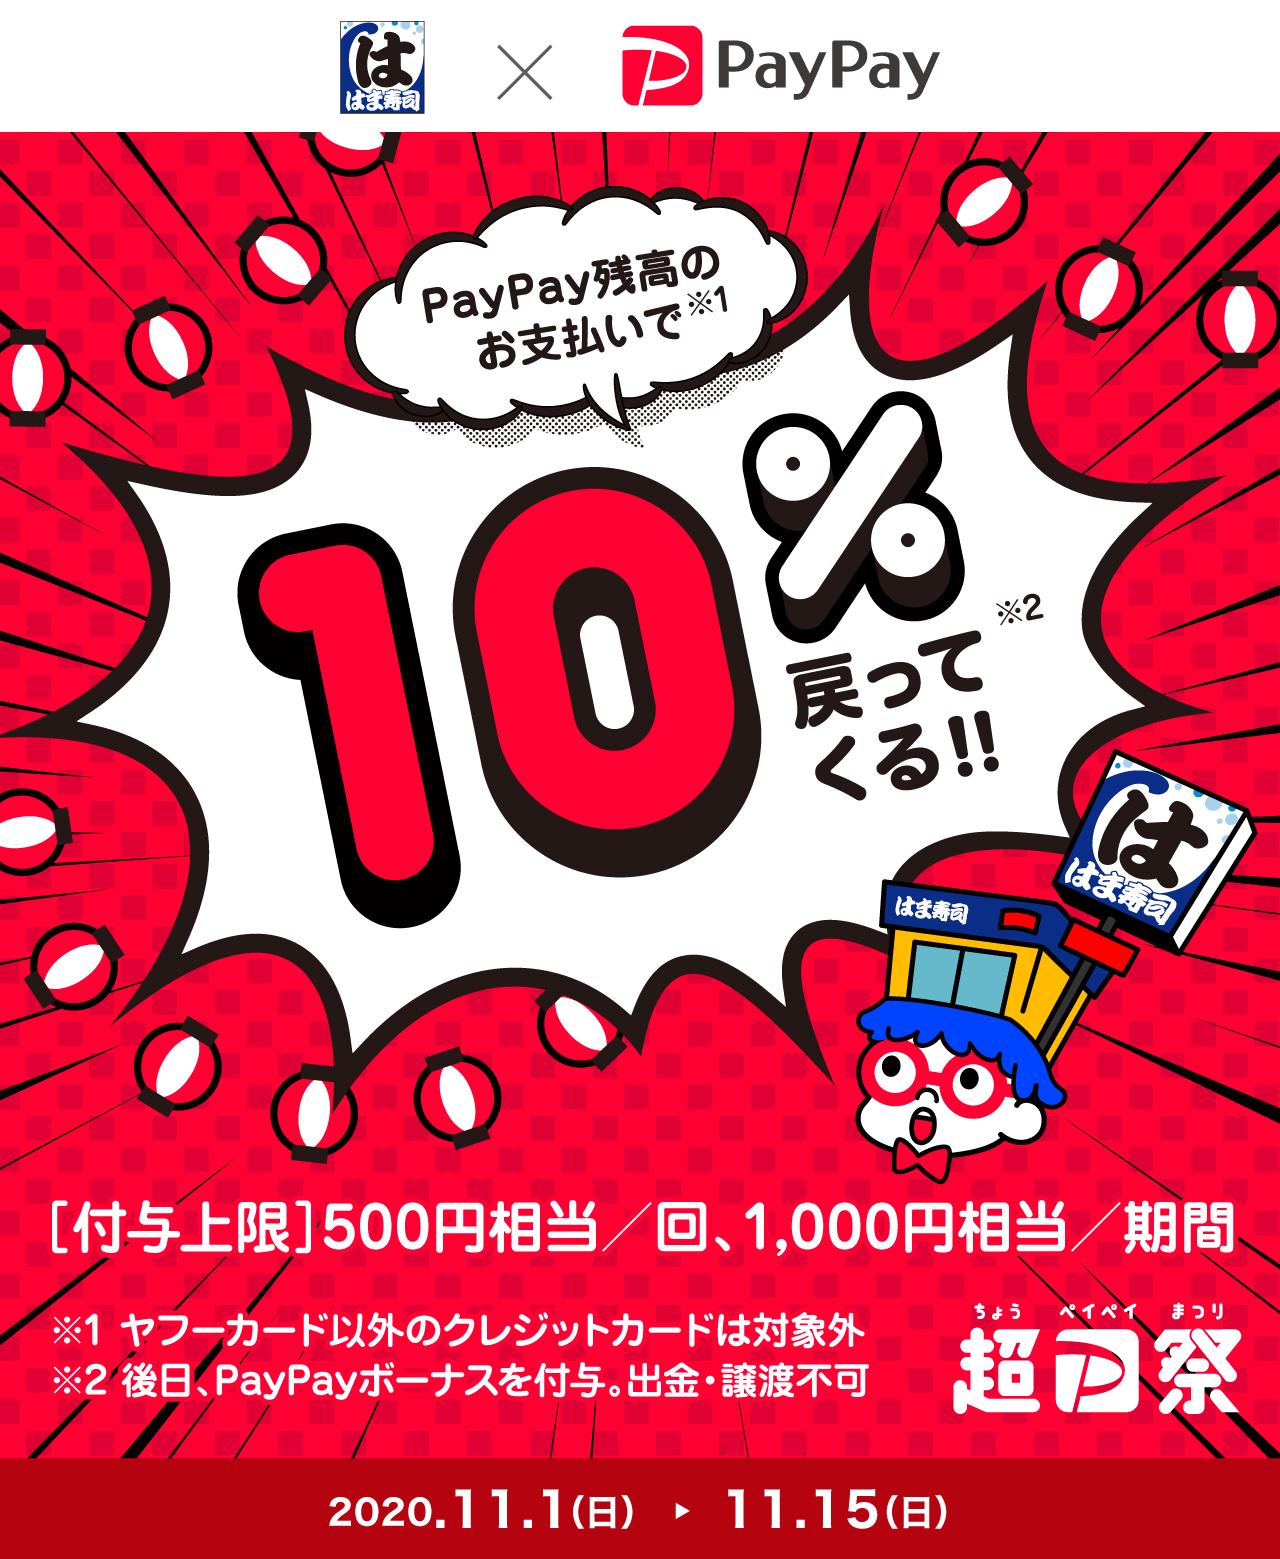 【追加】はま寿司でPayPay支払いで10%バック。無限はま寿司は出来ない。GoToイートのポイント付与対象外。11/1~11/15。